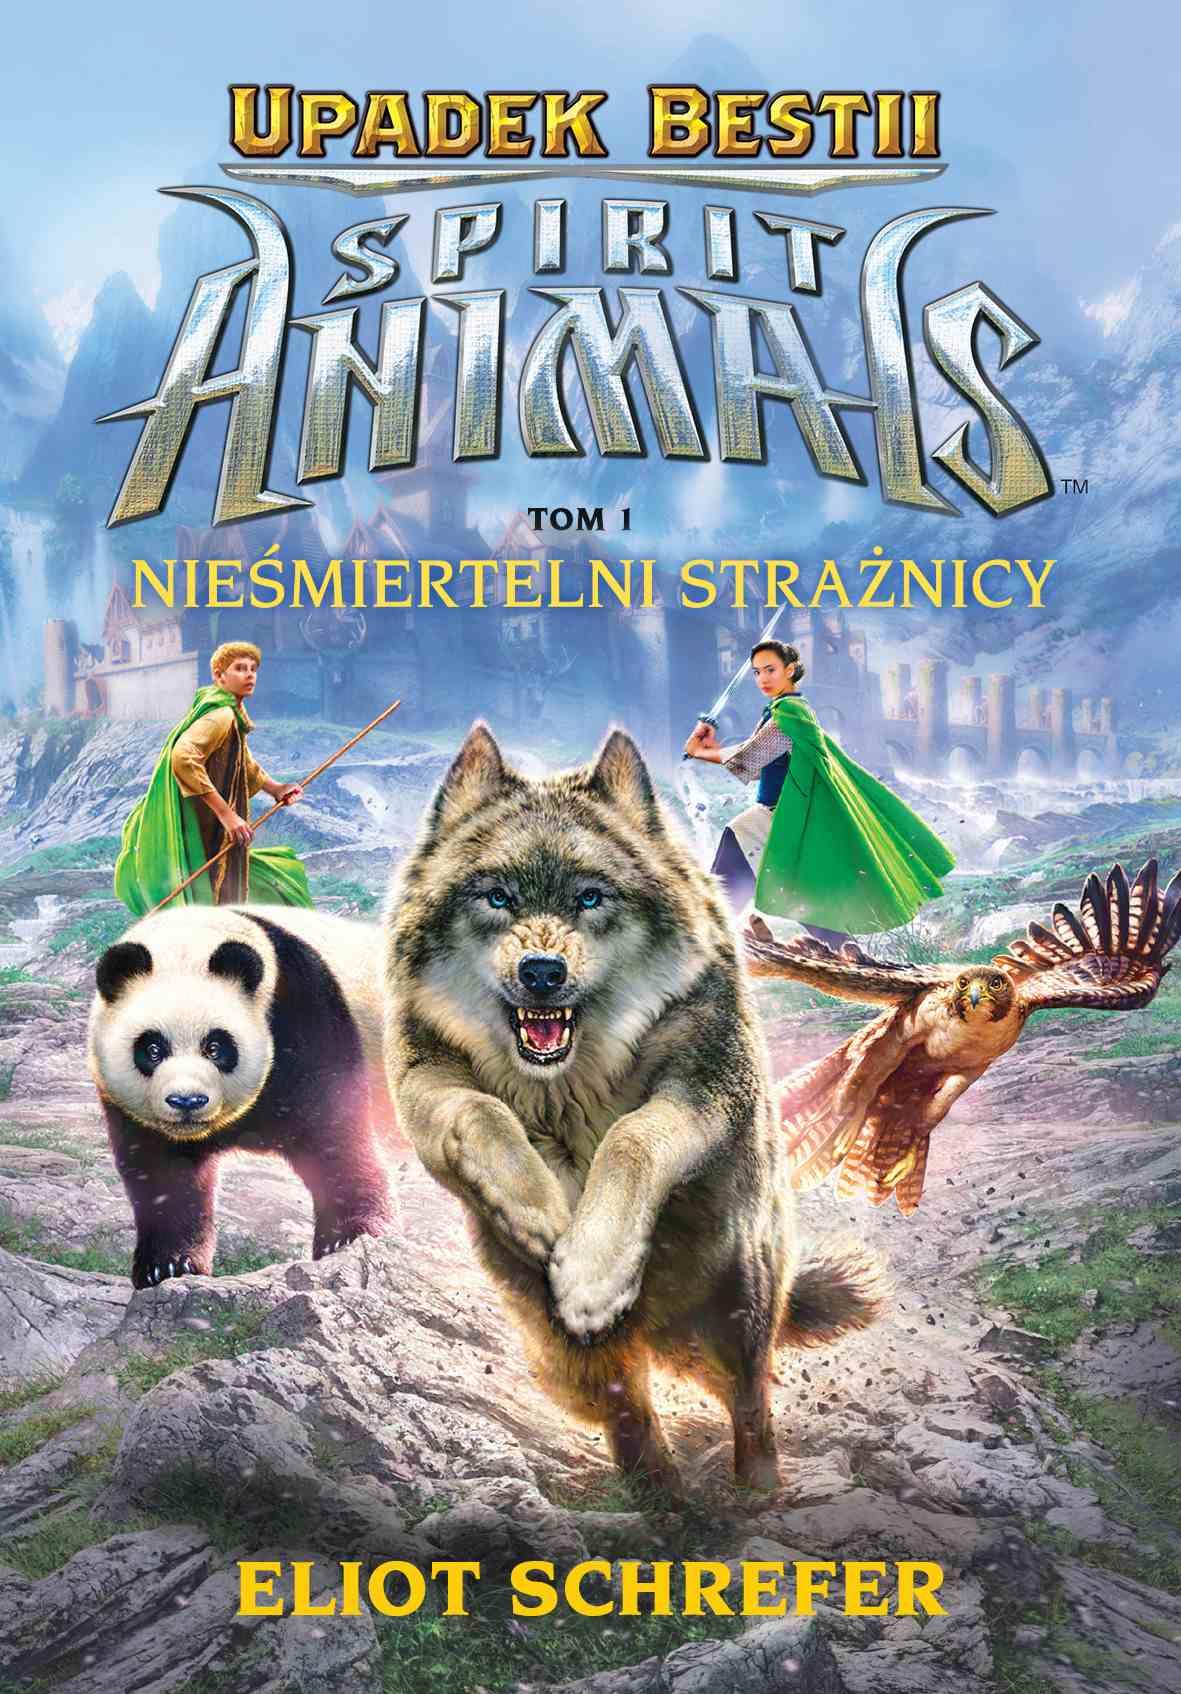 Spirit Animals. Upadek bestii. Nieśmiertelni strażnicy. T.1 - Ebook (Książka na Kindle) do pobrania w formacie MOBI